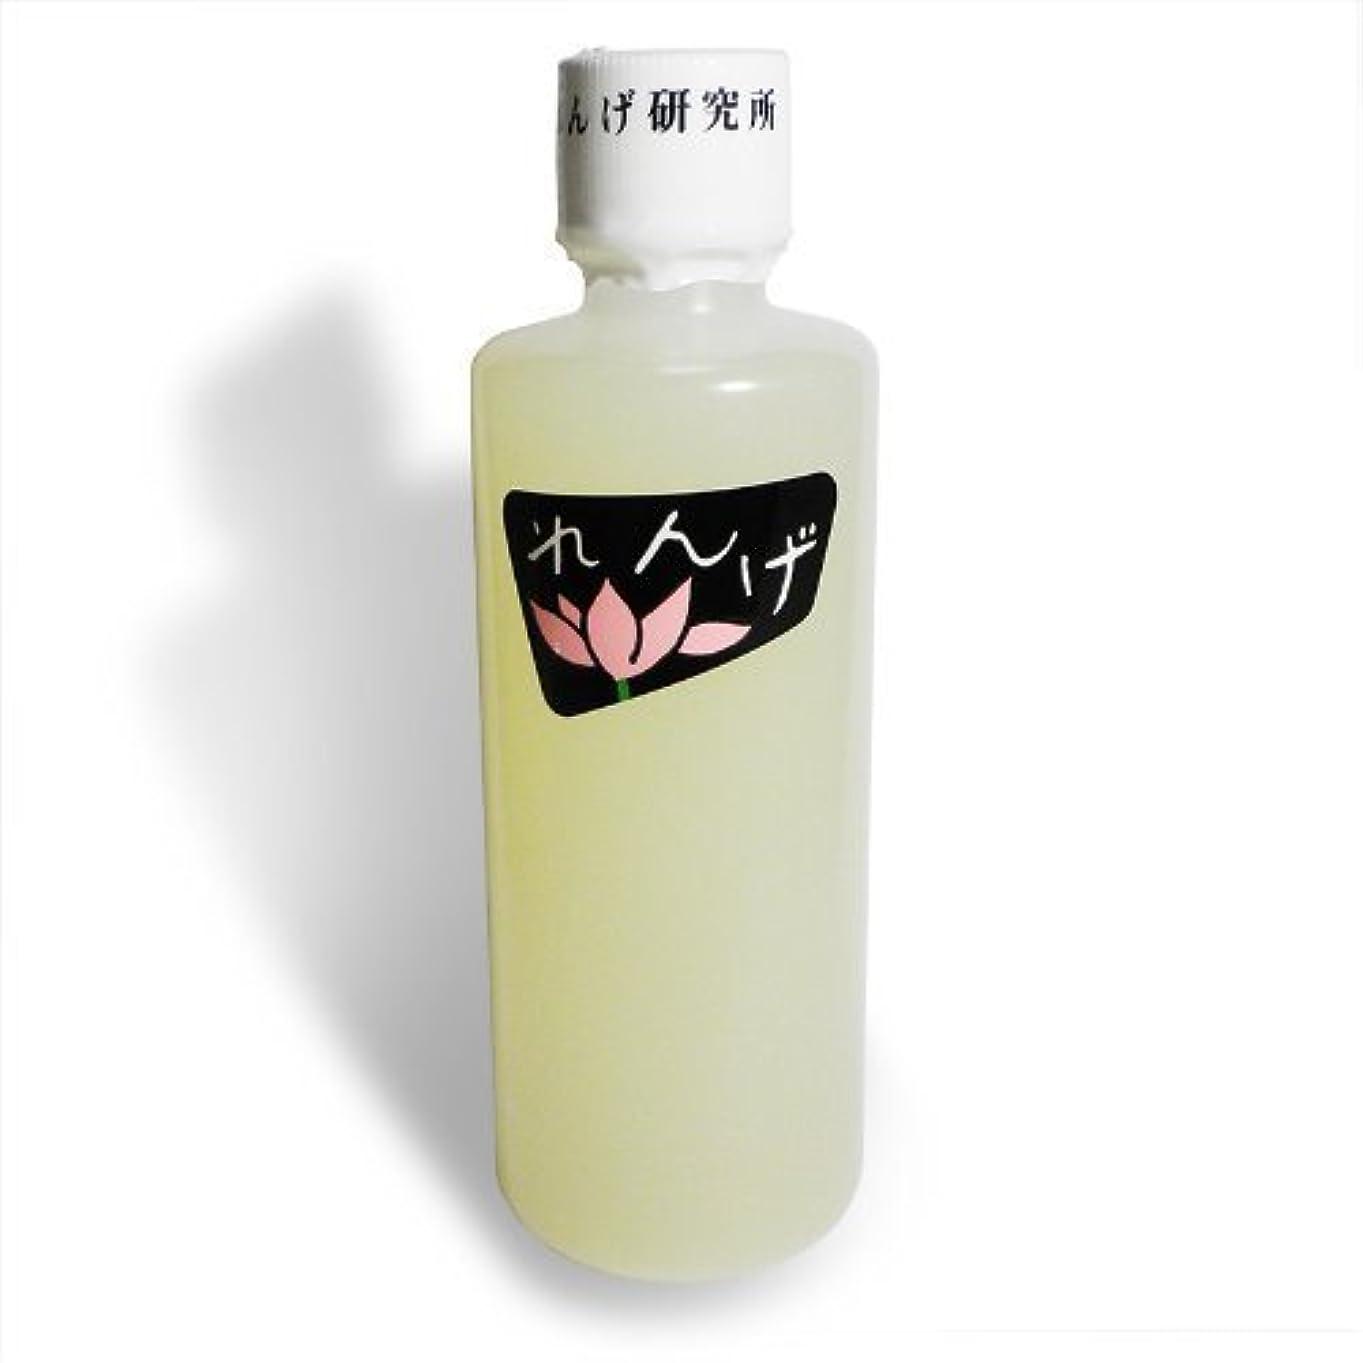 れんげ研究所 れんげ化粧水 140cc×6本